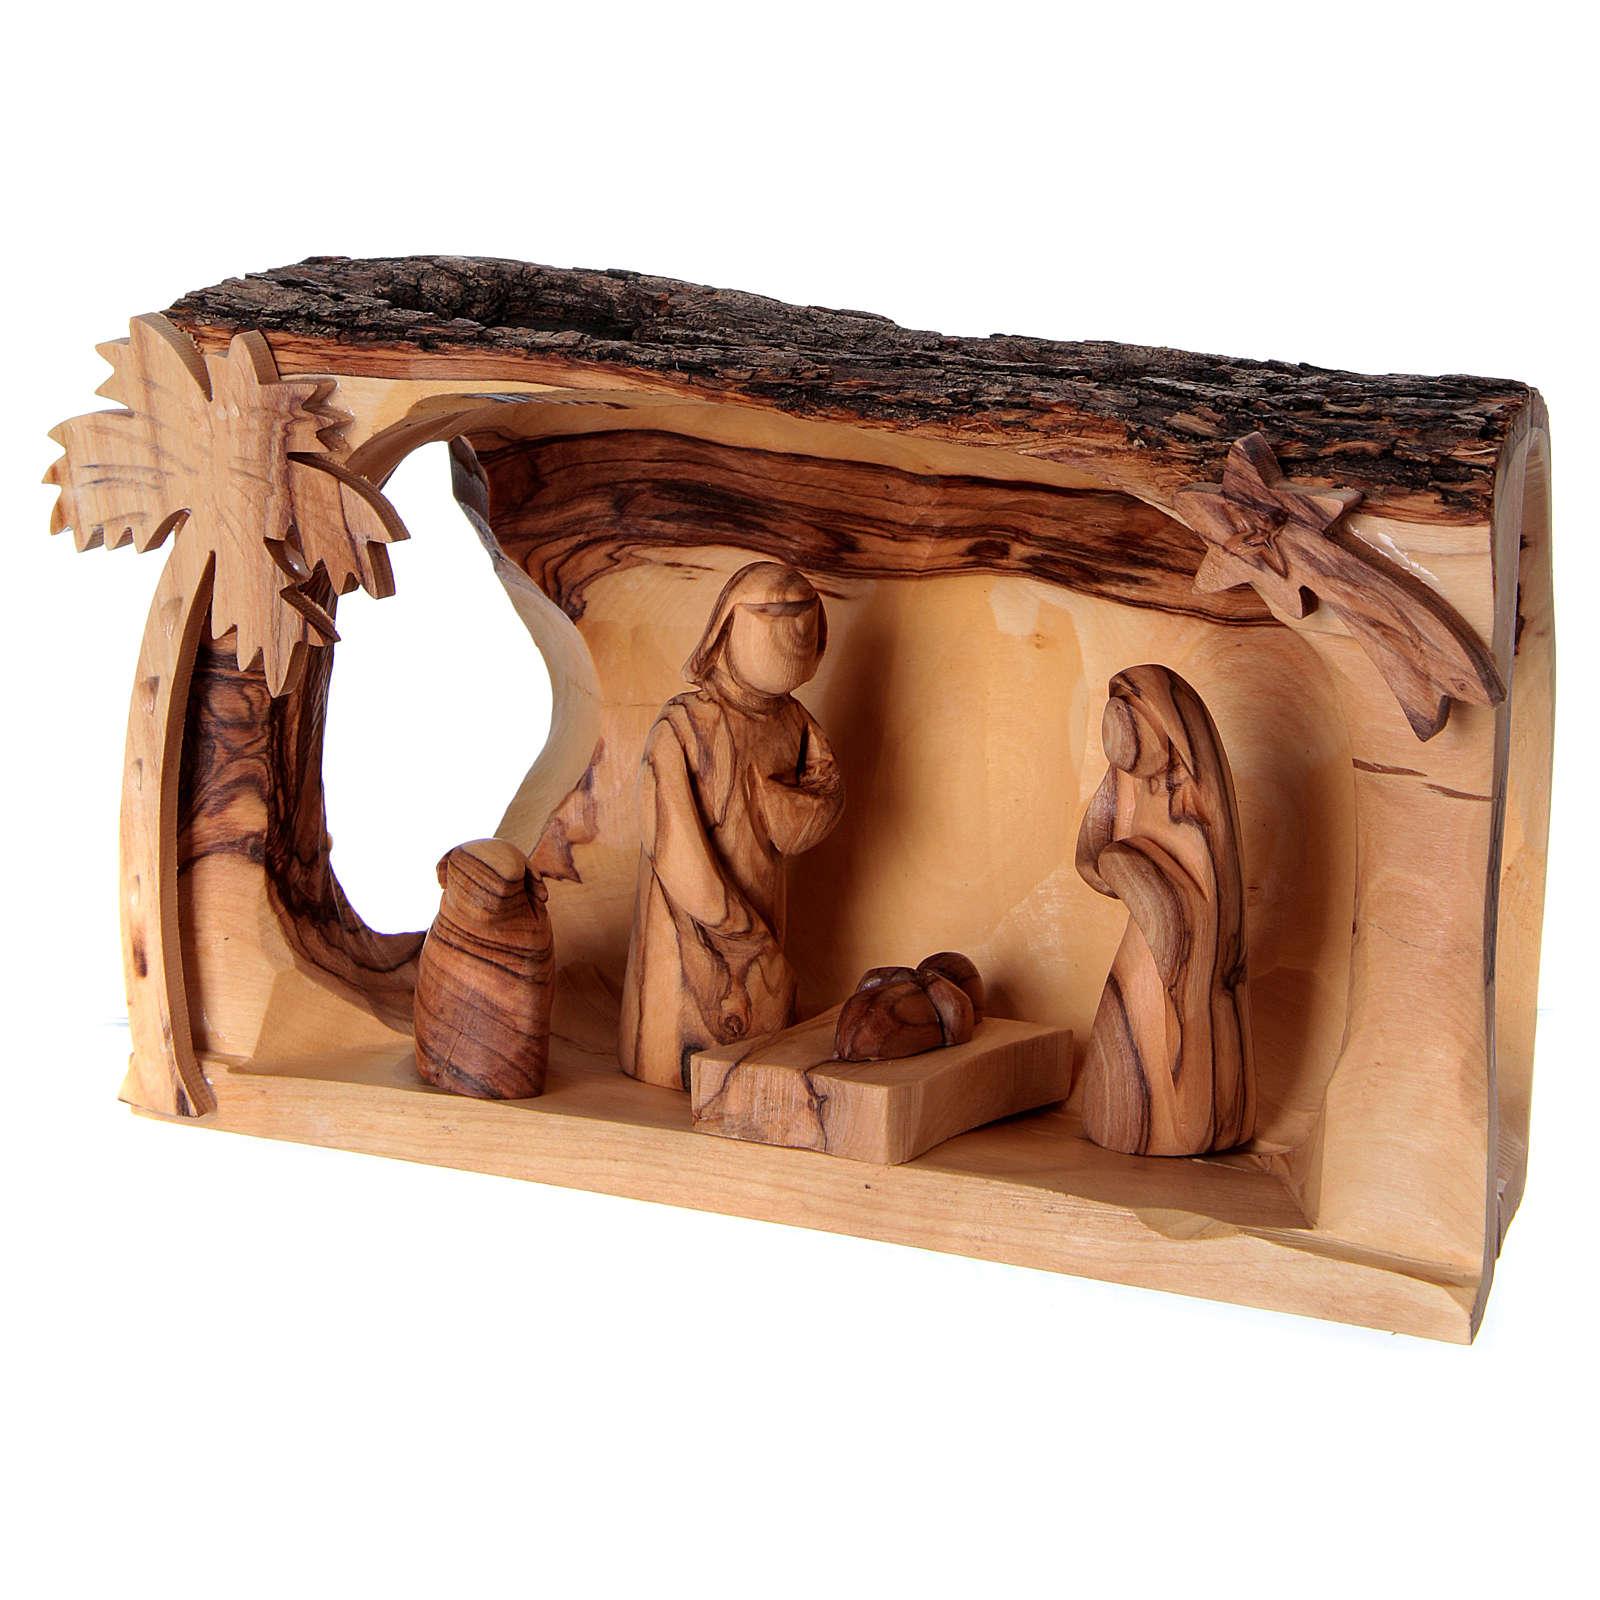 Cabane avec Nativité en bois d'olivier Bethléem 10x20x10 cm 4